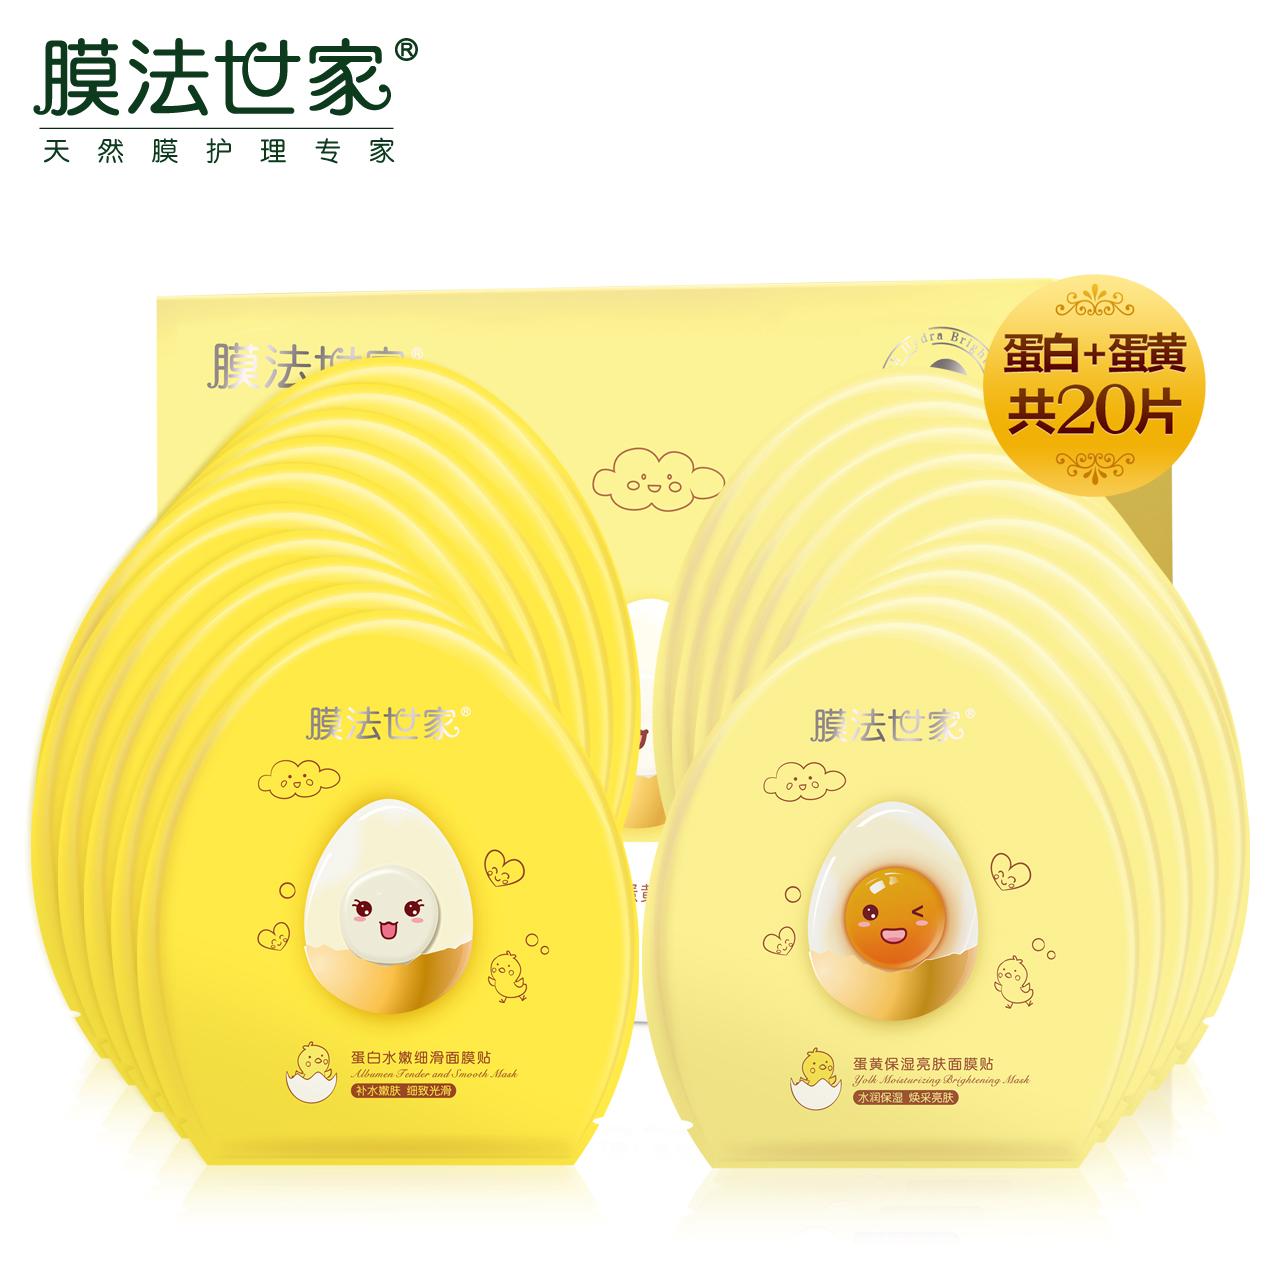 Мембрана франция семья яйца маска установите 20 лист увлажняющий пополнение тендер скольжение сокращаться волосы отверстие питание маска паста